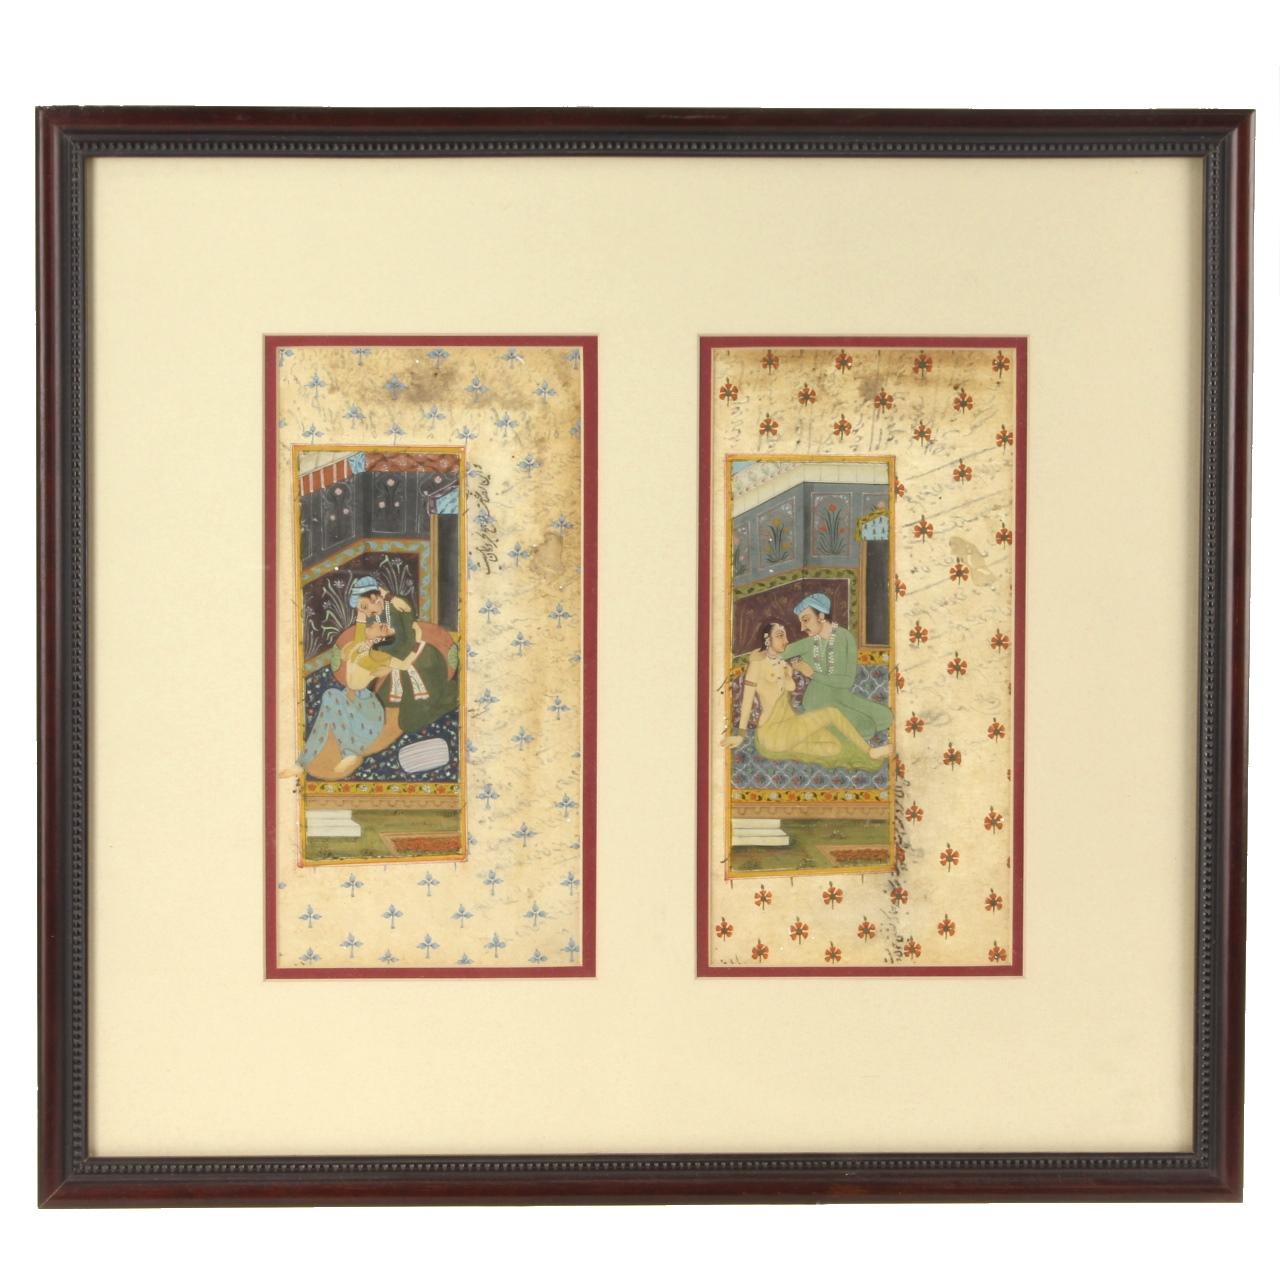 19th C. Mughal Erotic Miniature Paintings